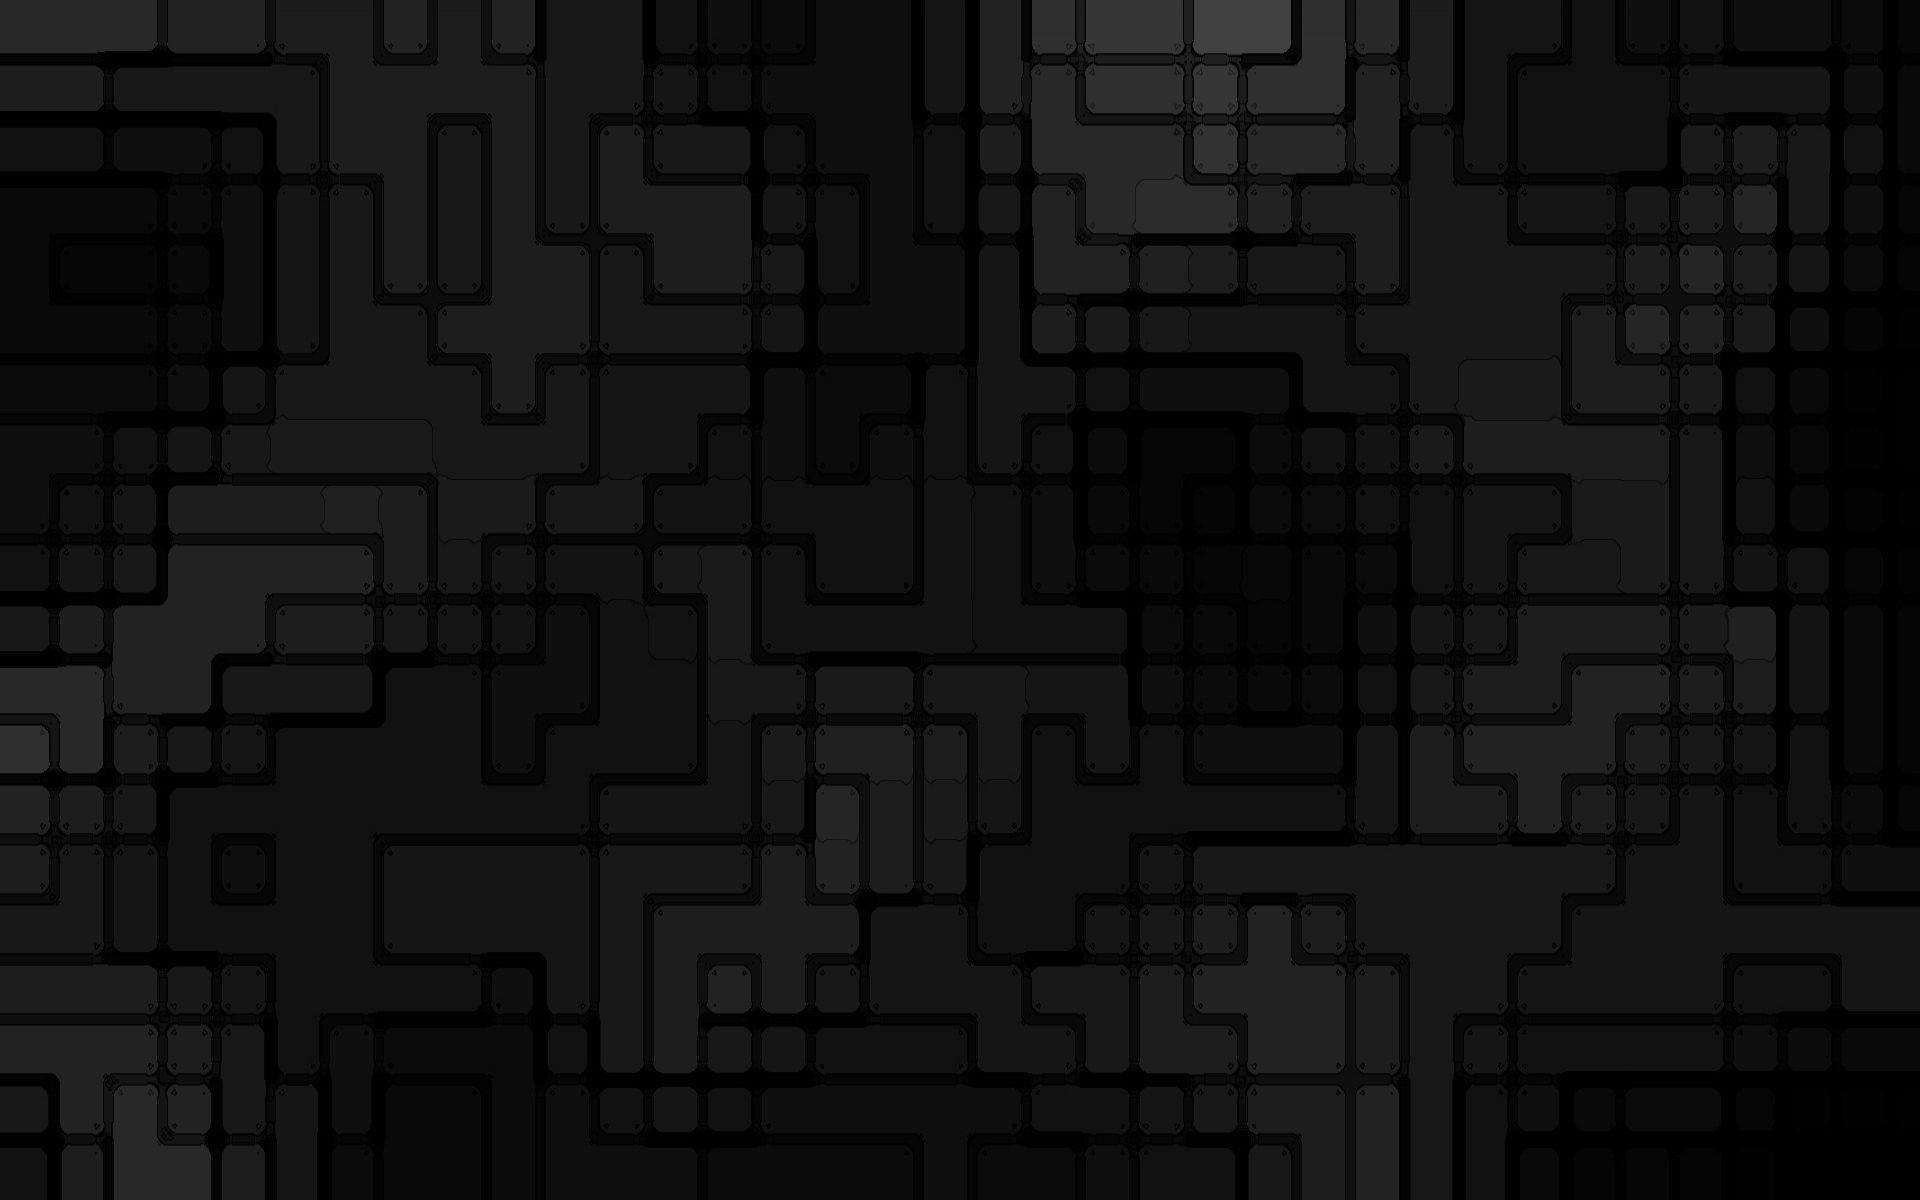 156334 обои 1125x2436 на телефон бесплатно, скачать картинки Фон, Текстуры, Узоры, Текстура, Линии, Блеск, Поверхность 1125x2436 на мобильный